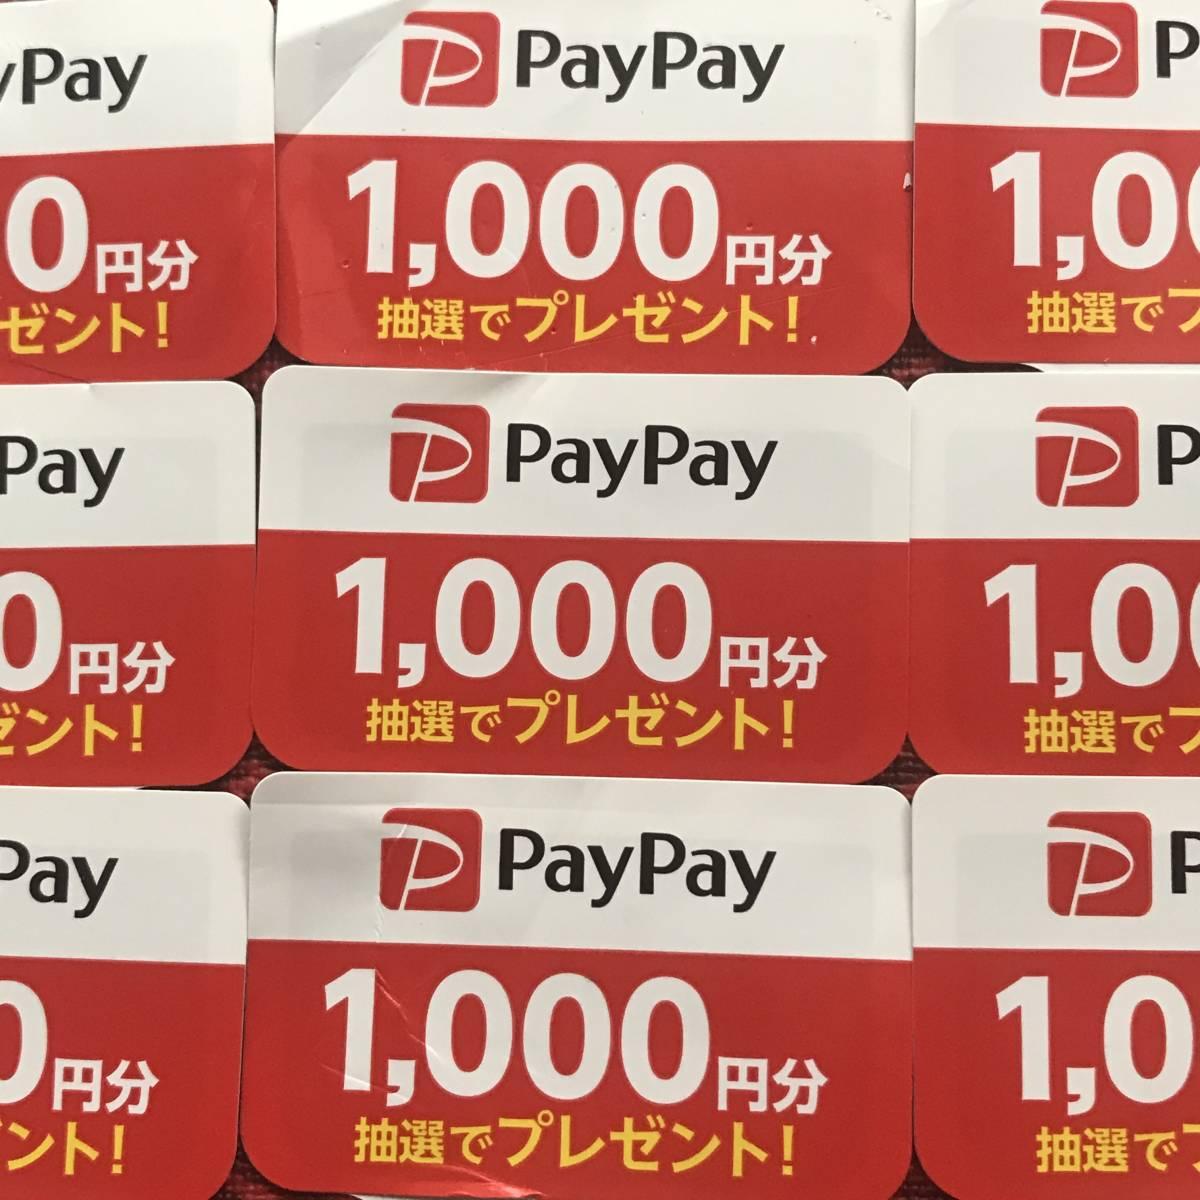 Paypay ギフト カード 「PayPay(ペイペイ)ギフトカード」とは?チャージ方法も解説!